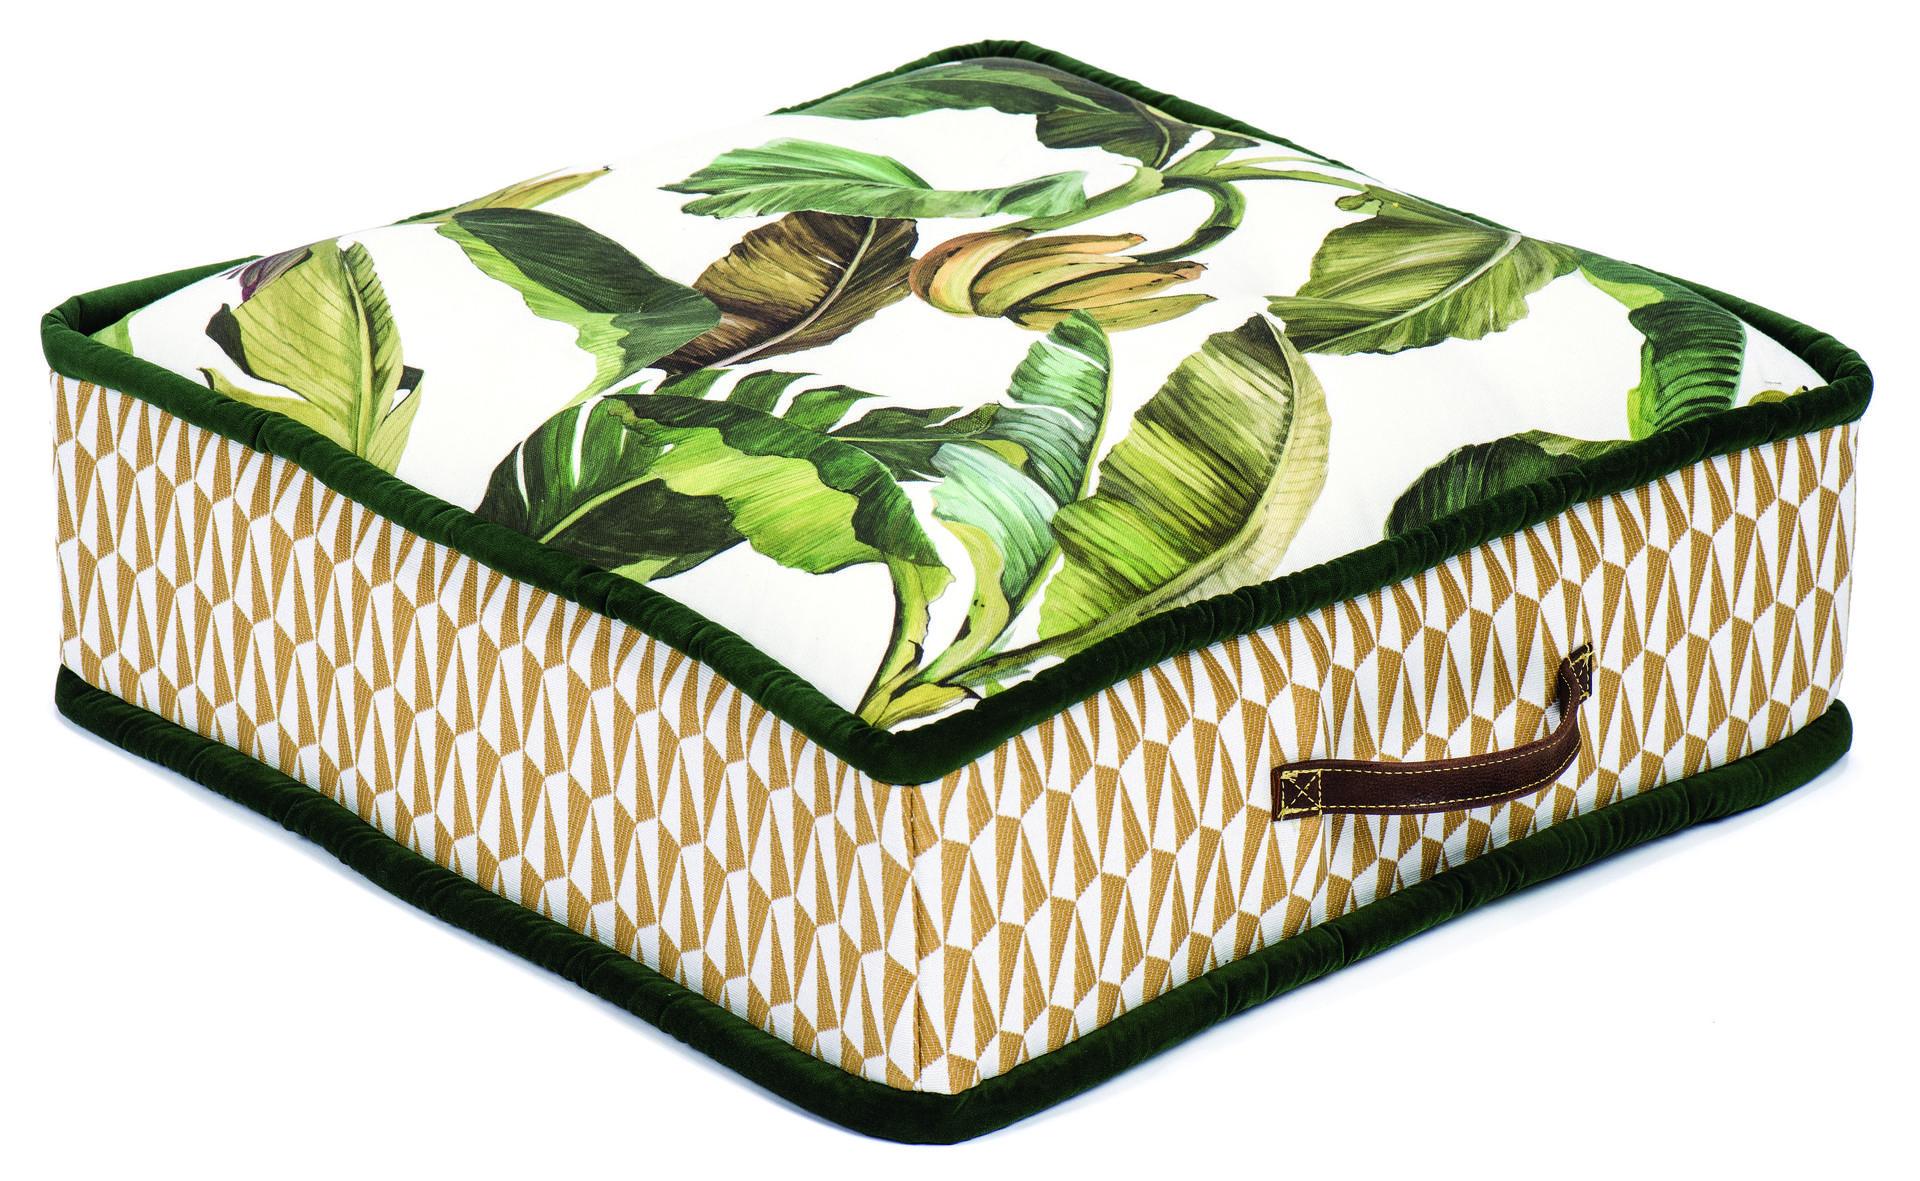 בית העיצוב שכטר  כרית רביצה הדפס בננות גודל 60X60 1,290 שקל, צילום: איליה מלניקוב